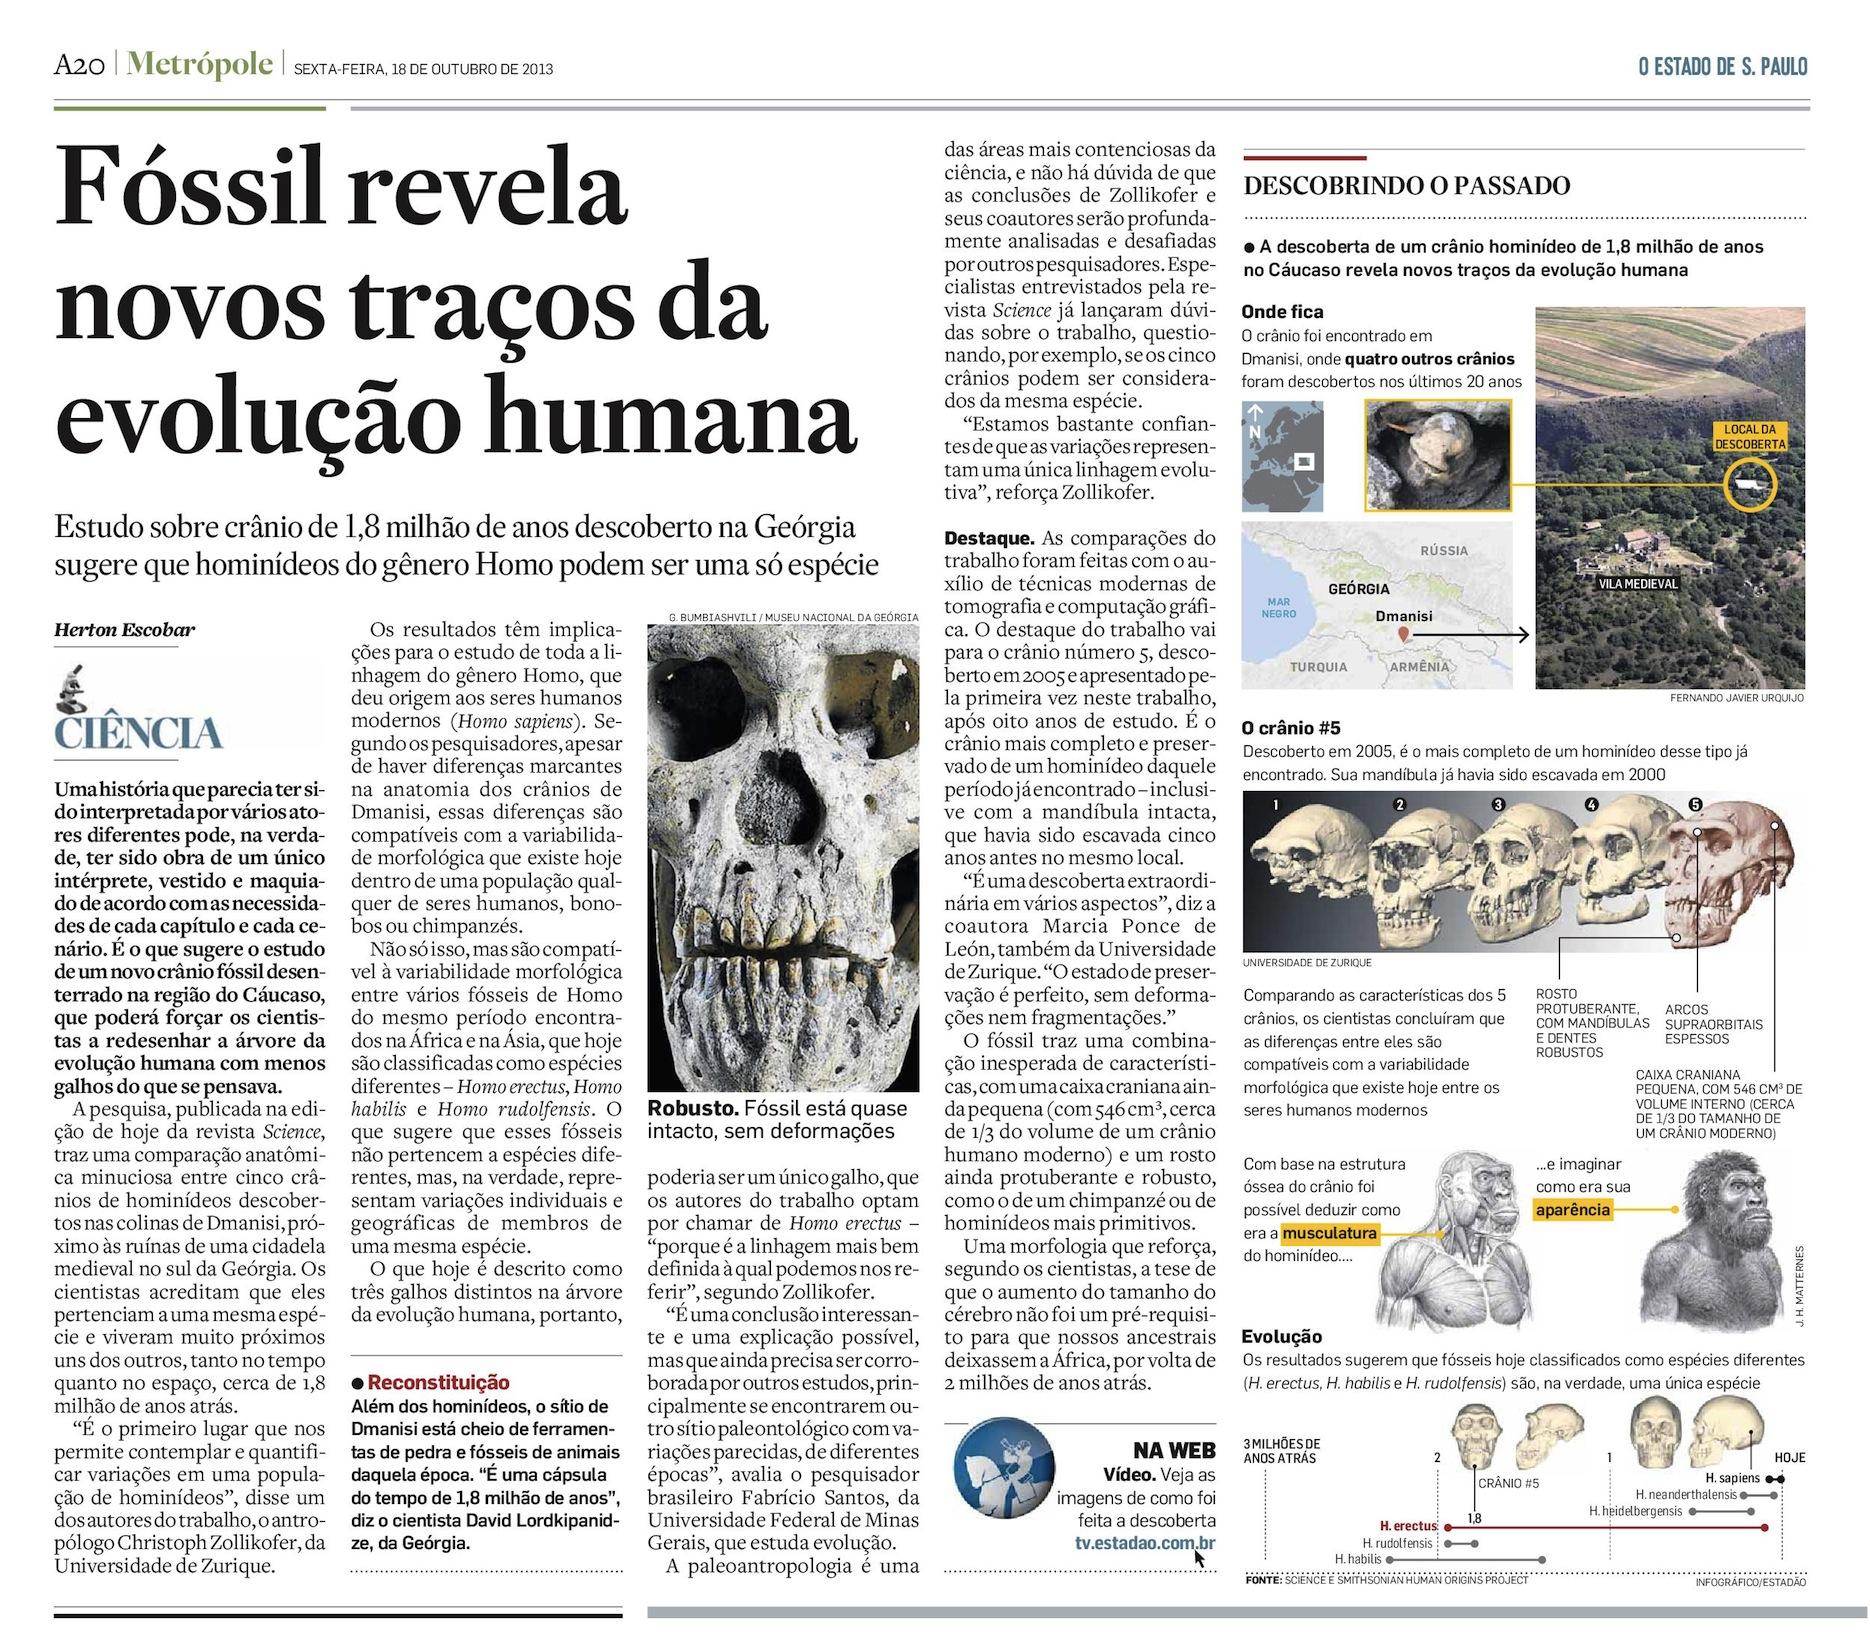 Fóssil de Dmanisi revela nova face da evolução humana